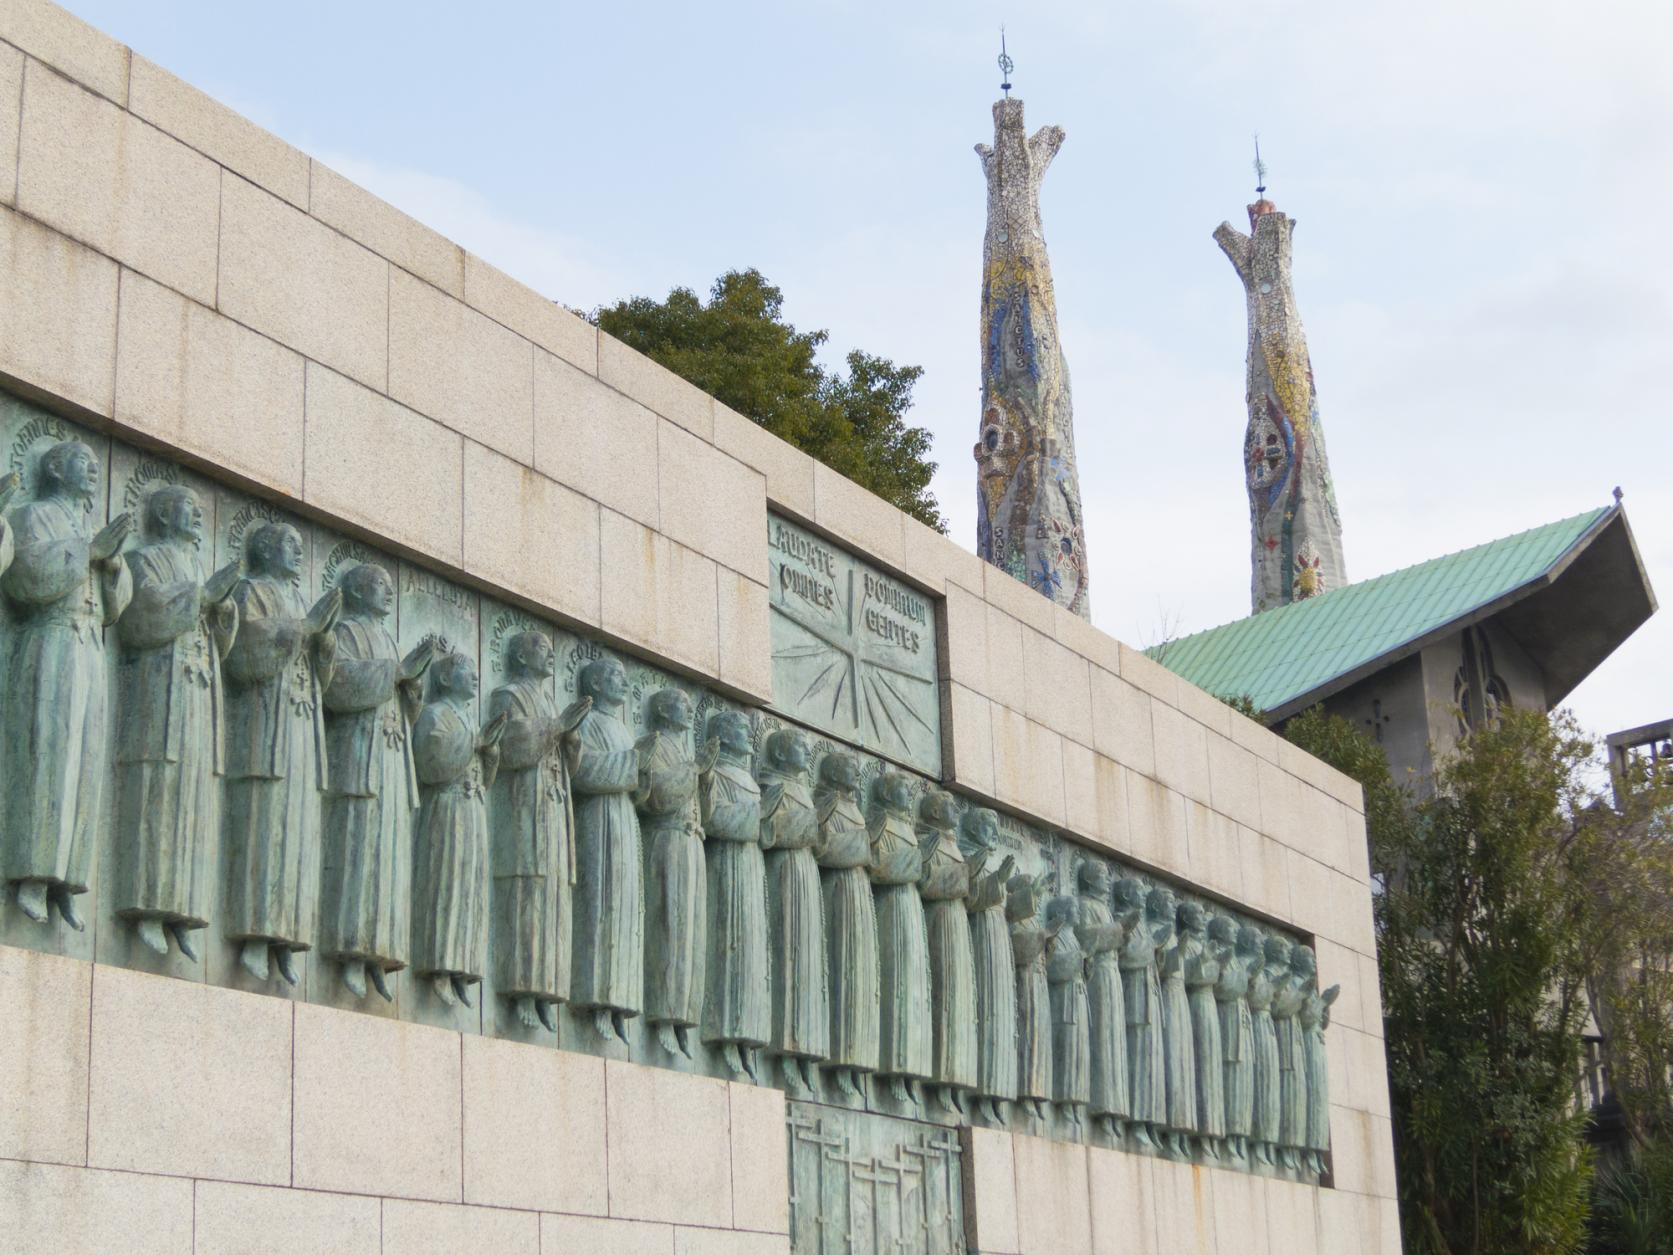 【長崎港発】平和とキリスト教~ローマ教皇訪問地を訪ねて~-1